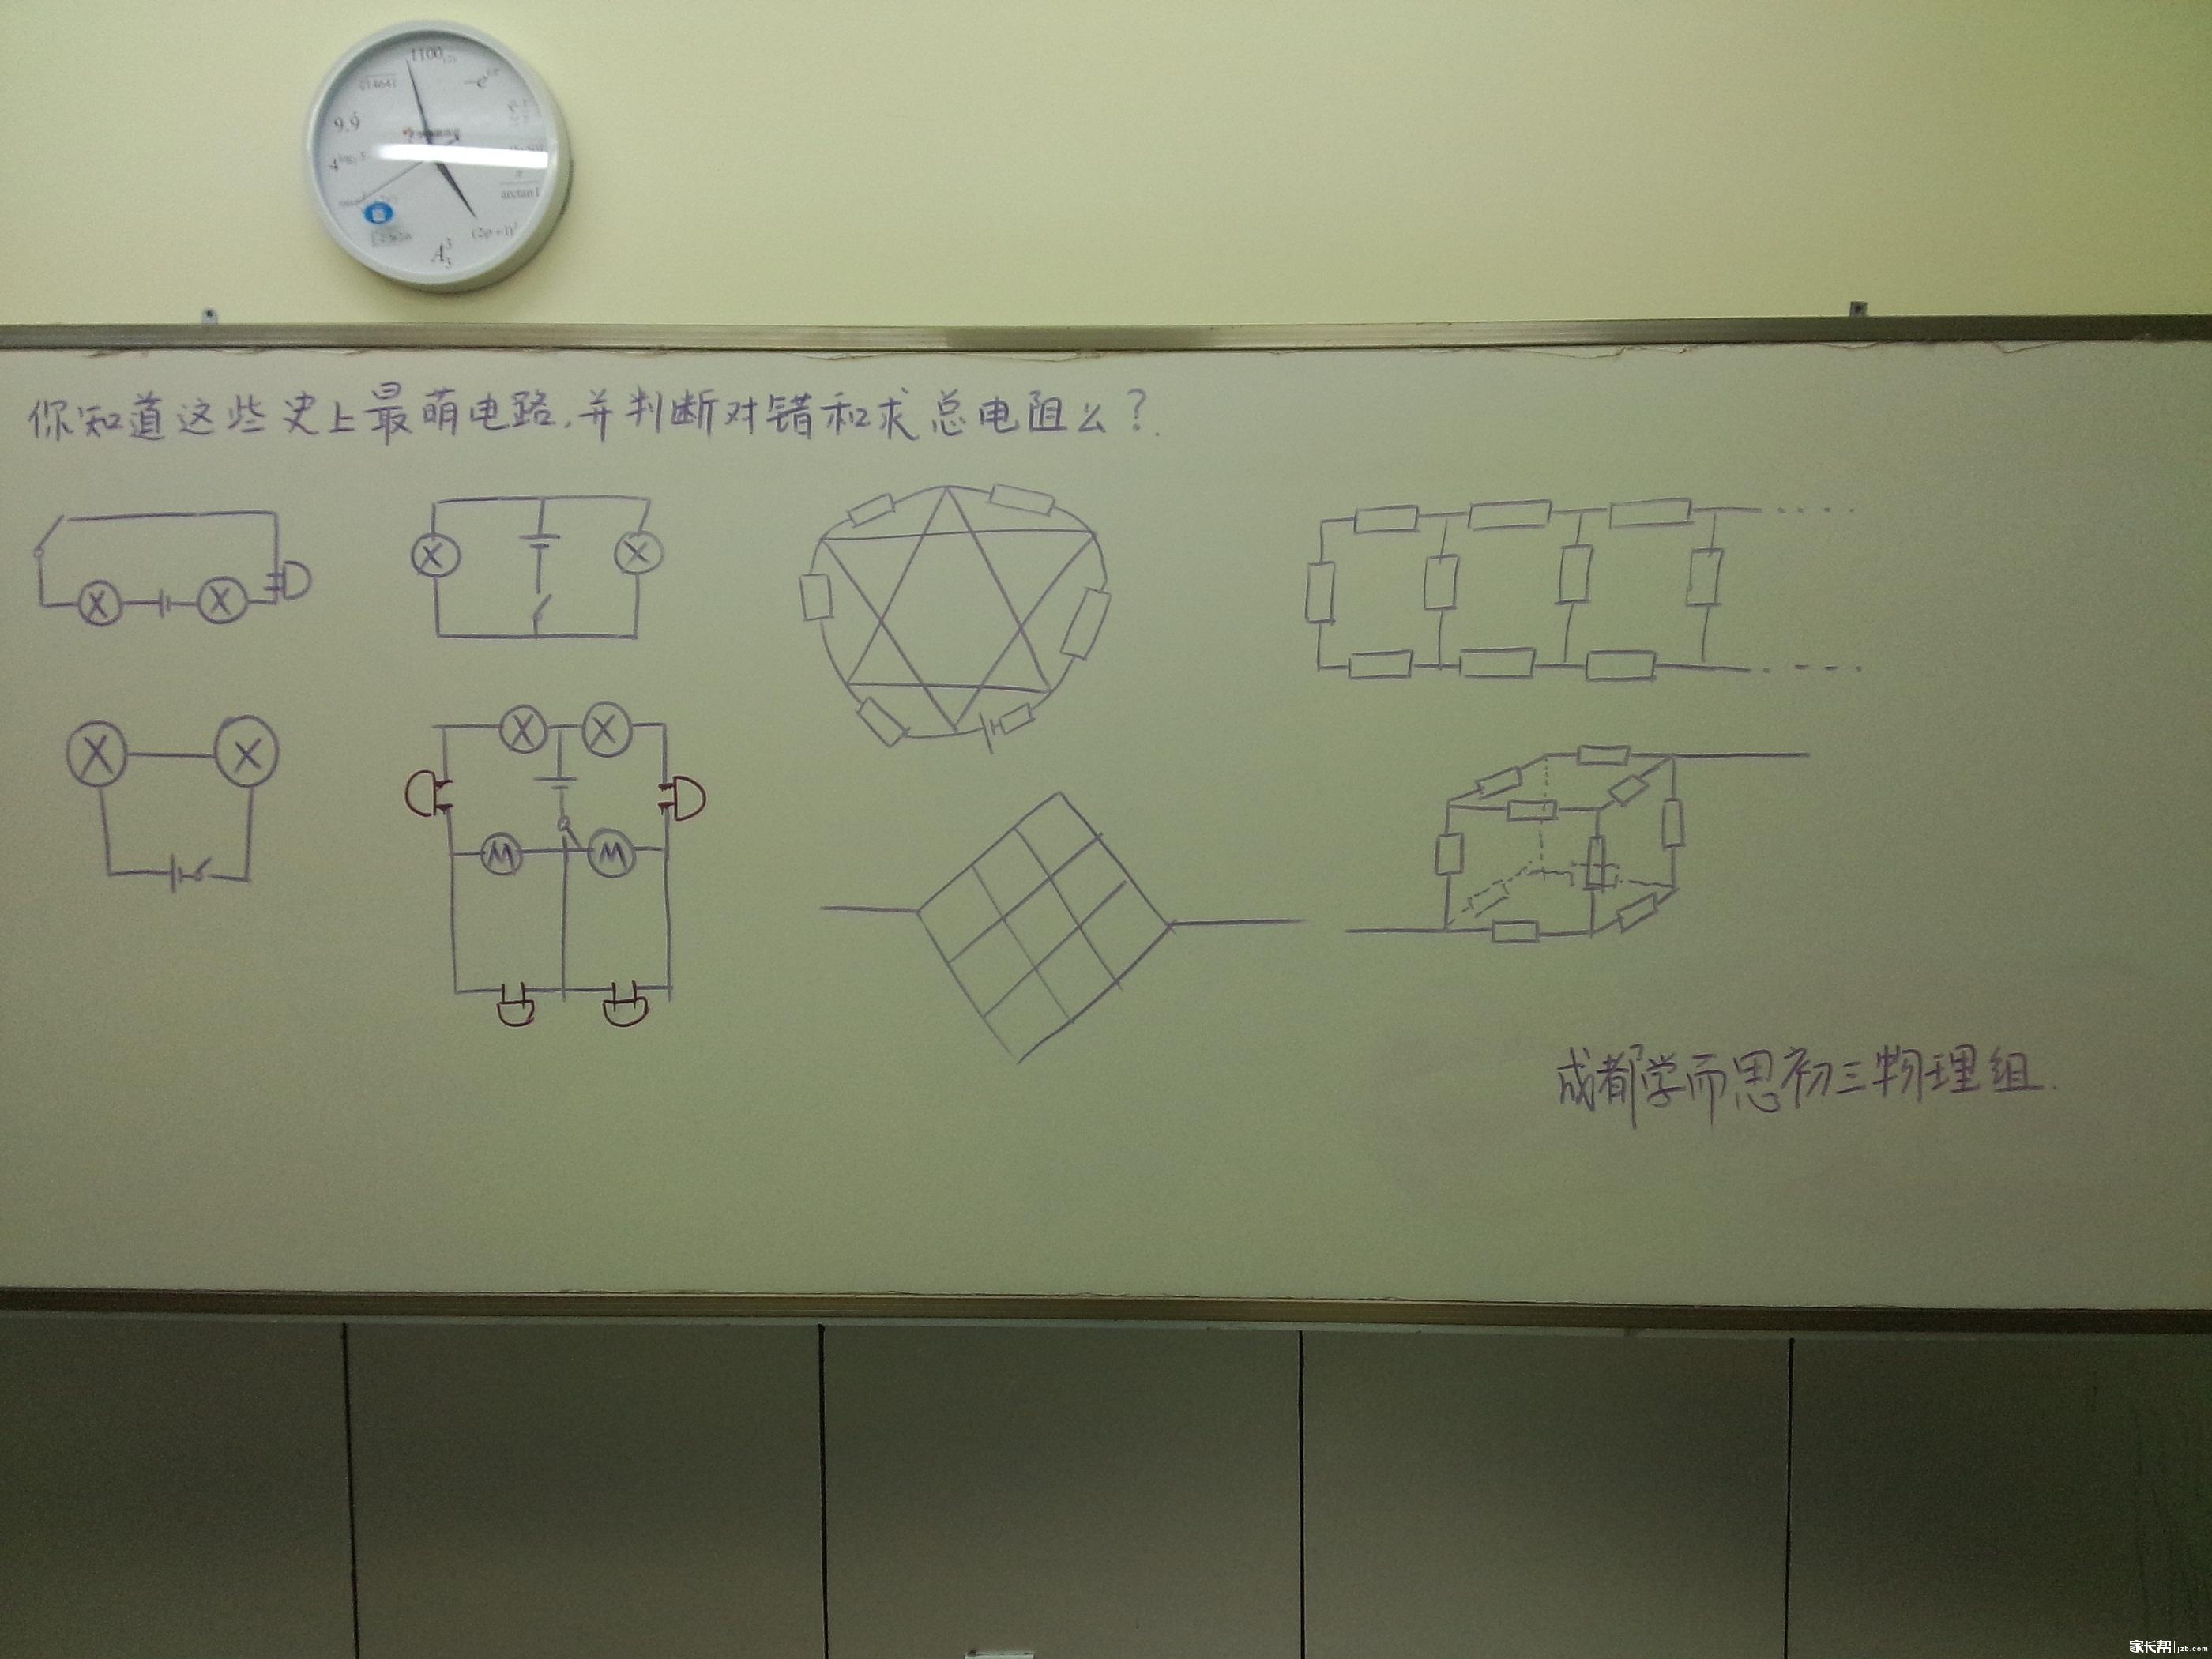 初三物理备课.jpg